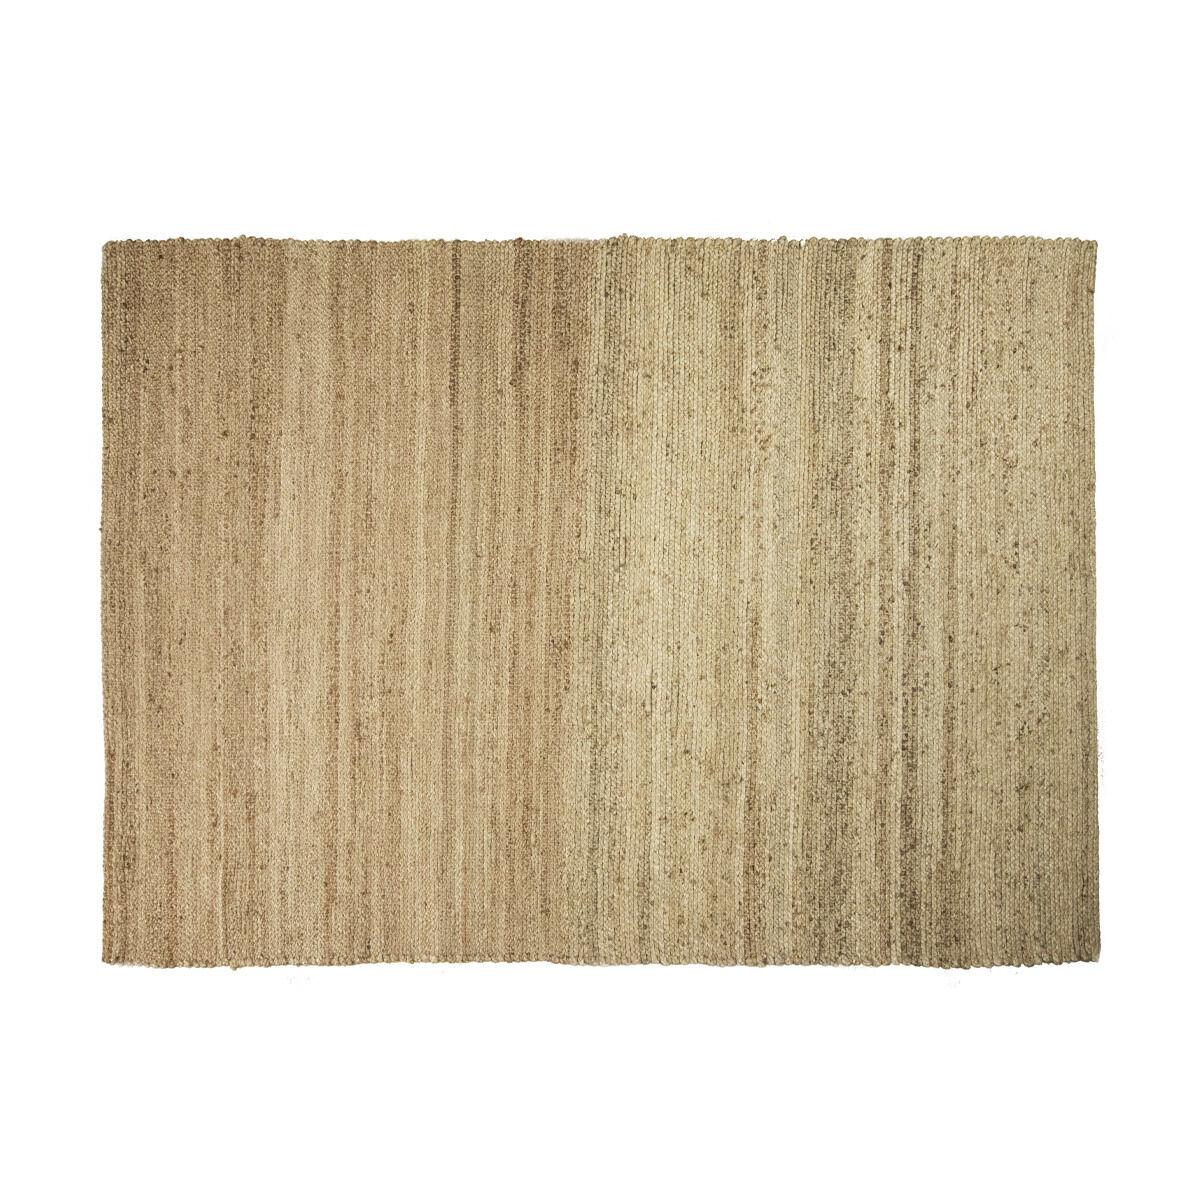 Miliboo Tapis coloris naturel jute 140x200cm GUNNY